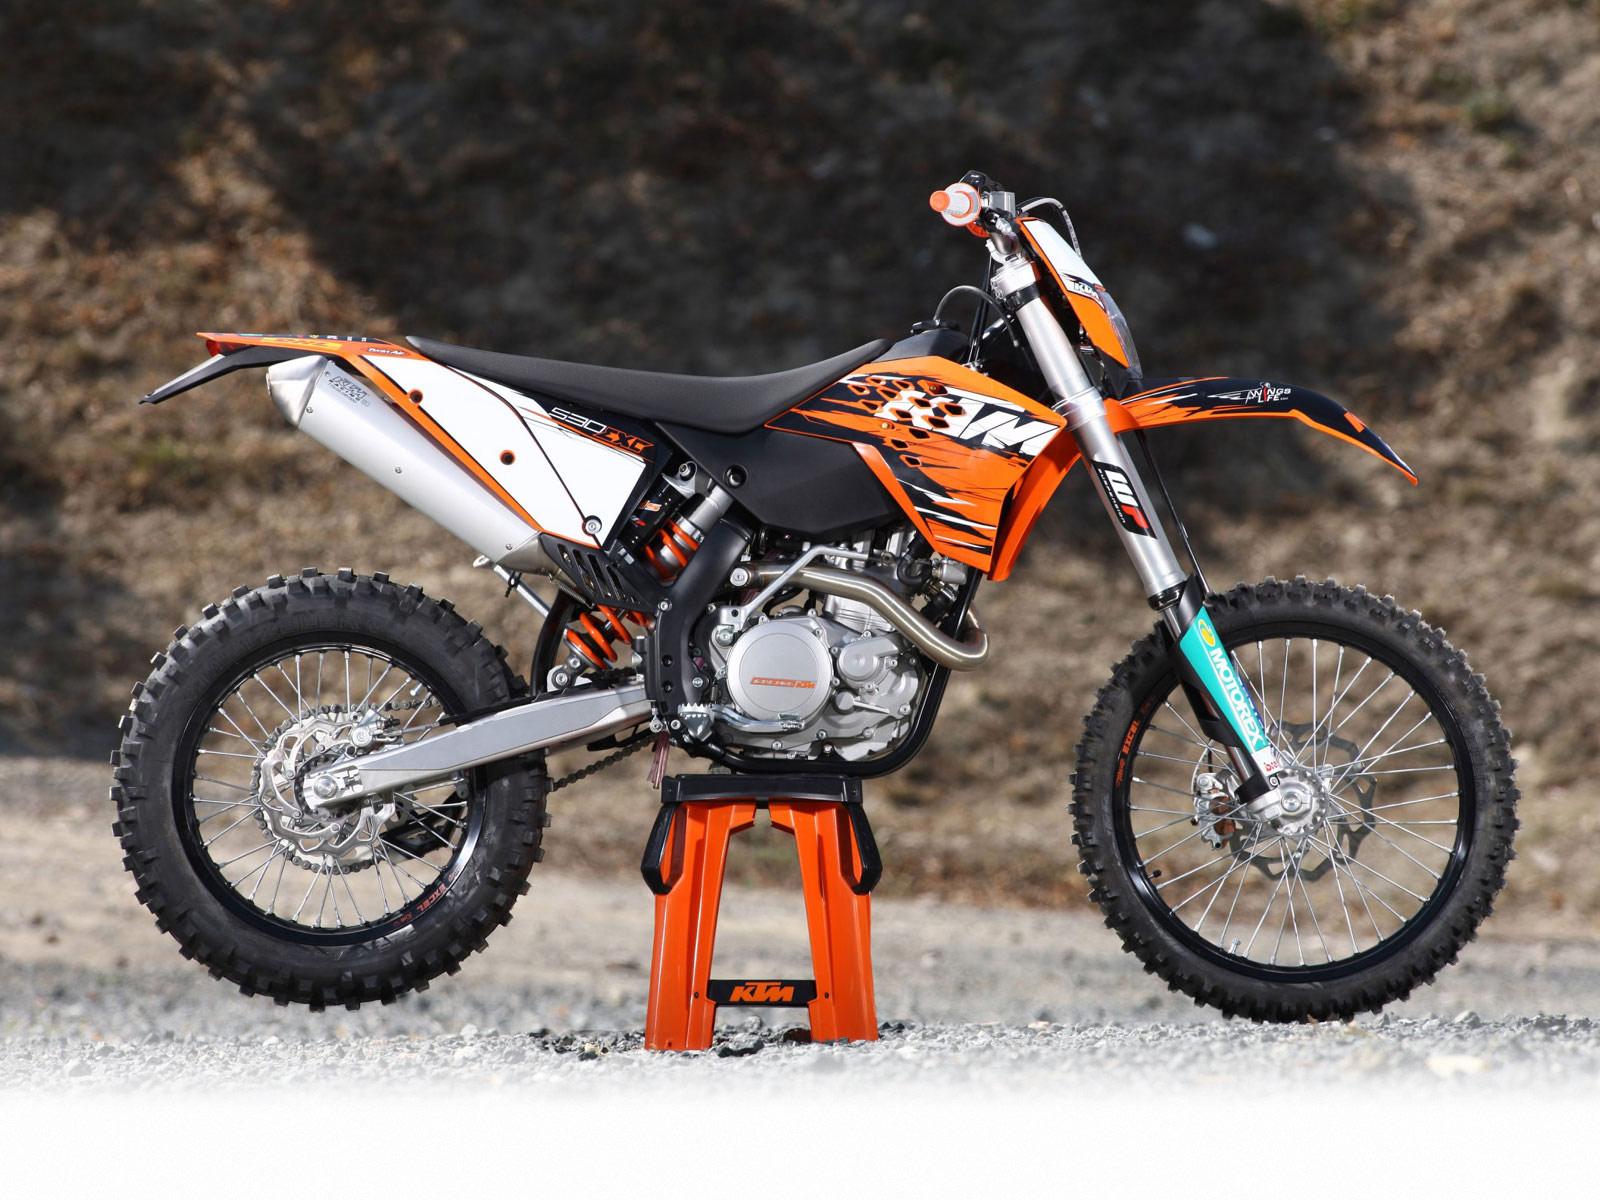 http://2.bp.blogspot.com/_St8PvhYLC4c/S-Kowu2vUFI/AAAAAAAACWM/uclA_BcKS1s/s1600/KTM_530_EXC_Champions_Edition_2010_3.jpg